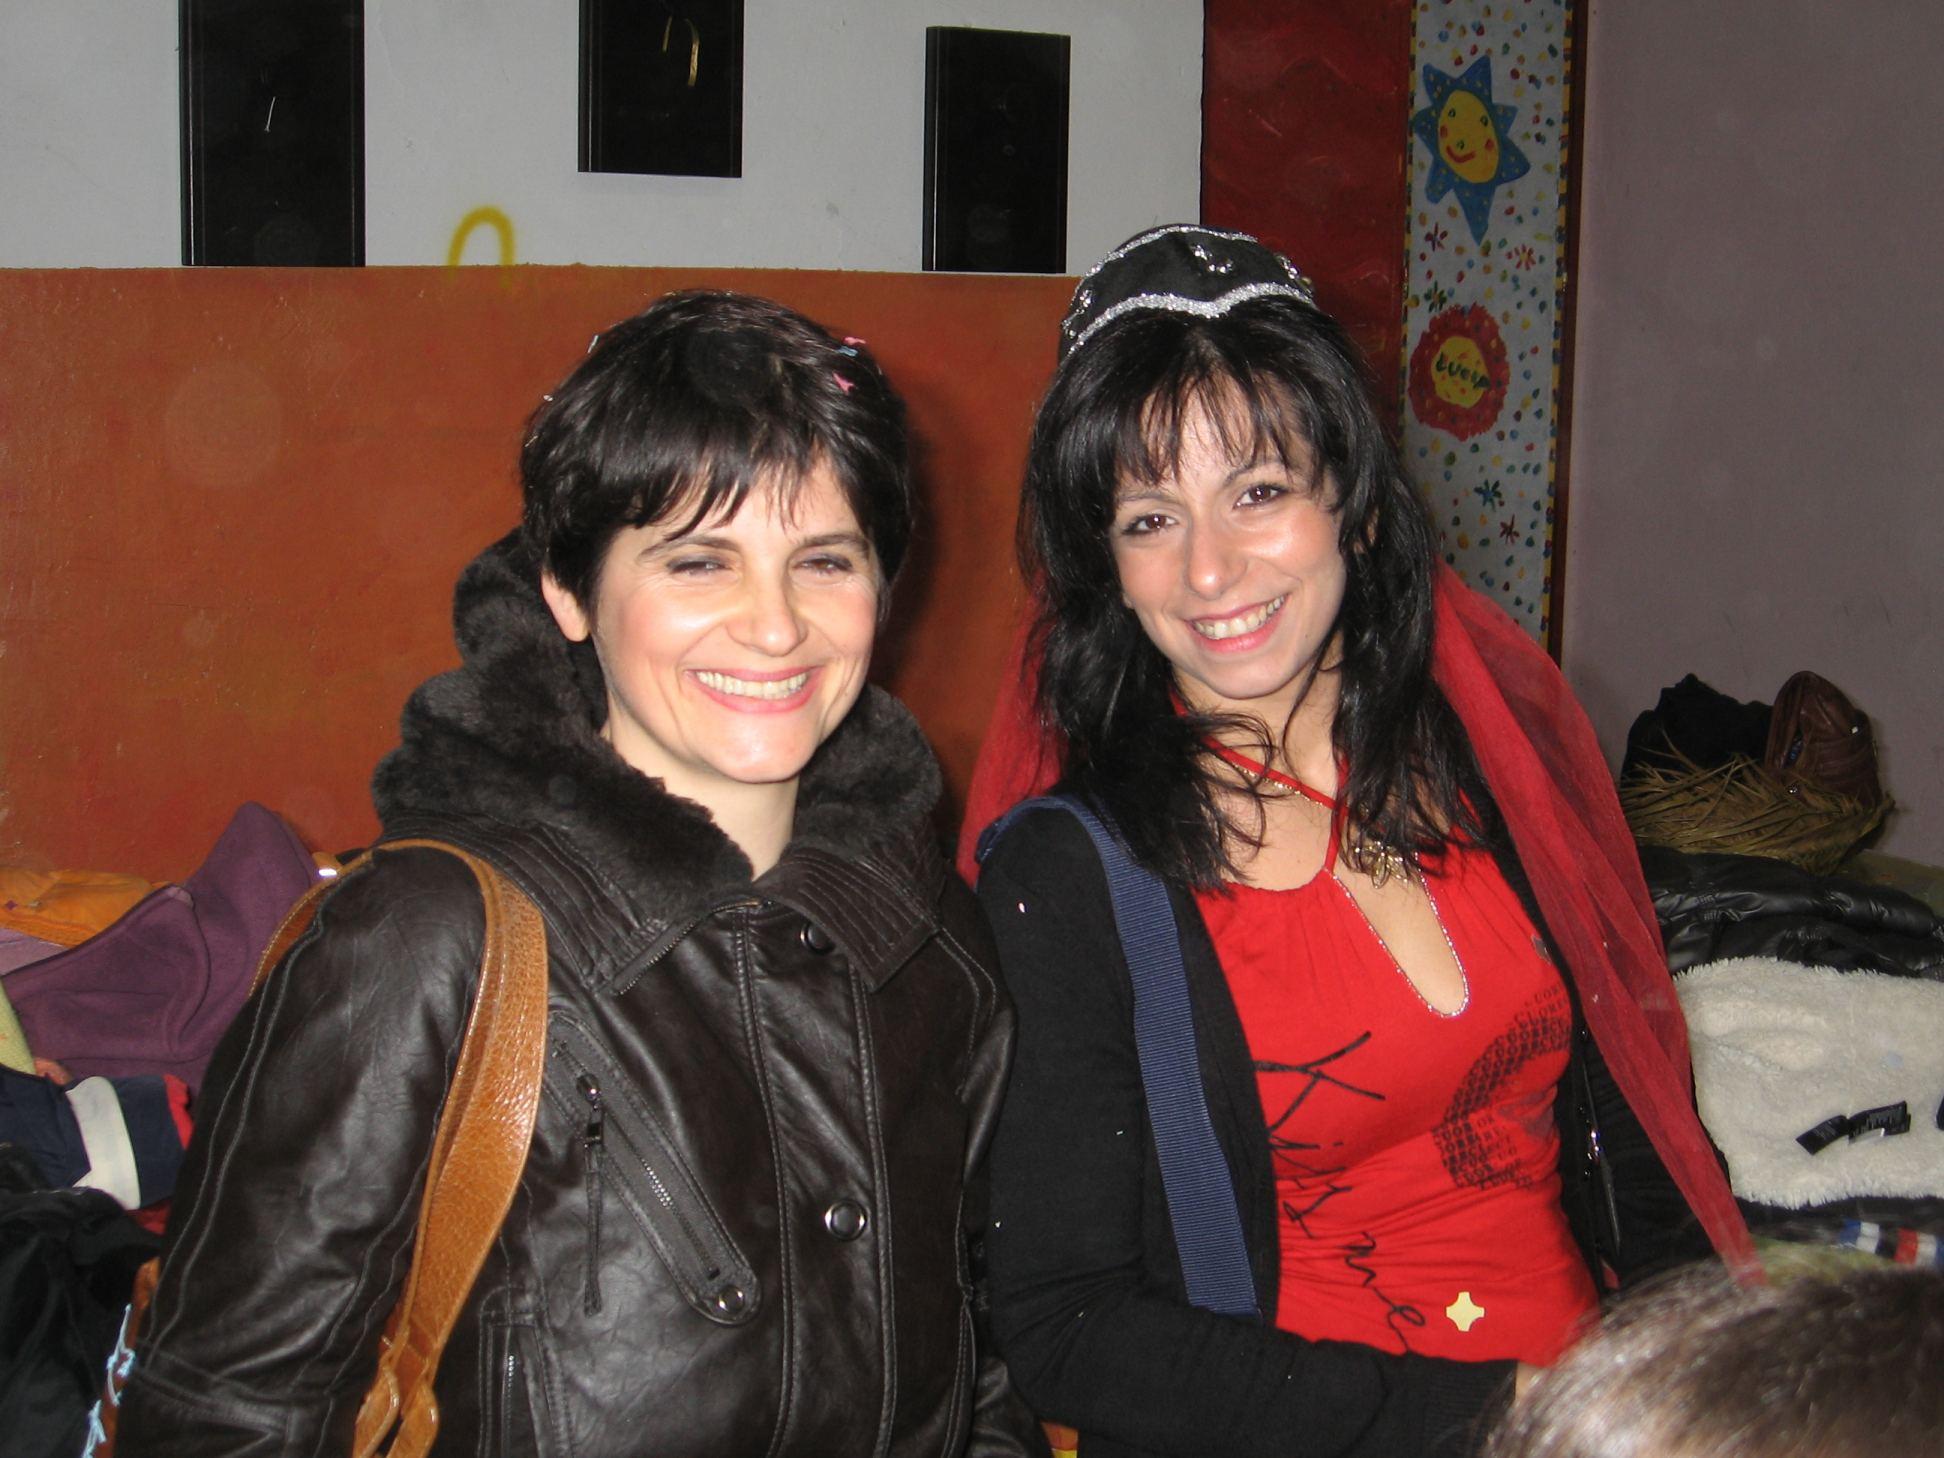 Pentolaccia-2010-02-14--16.25.07